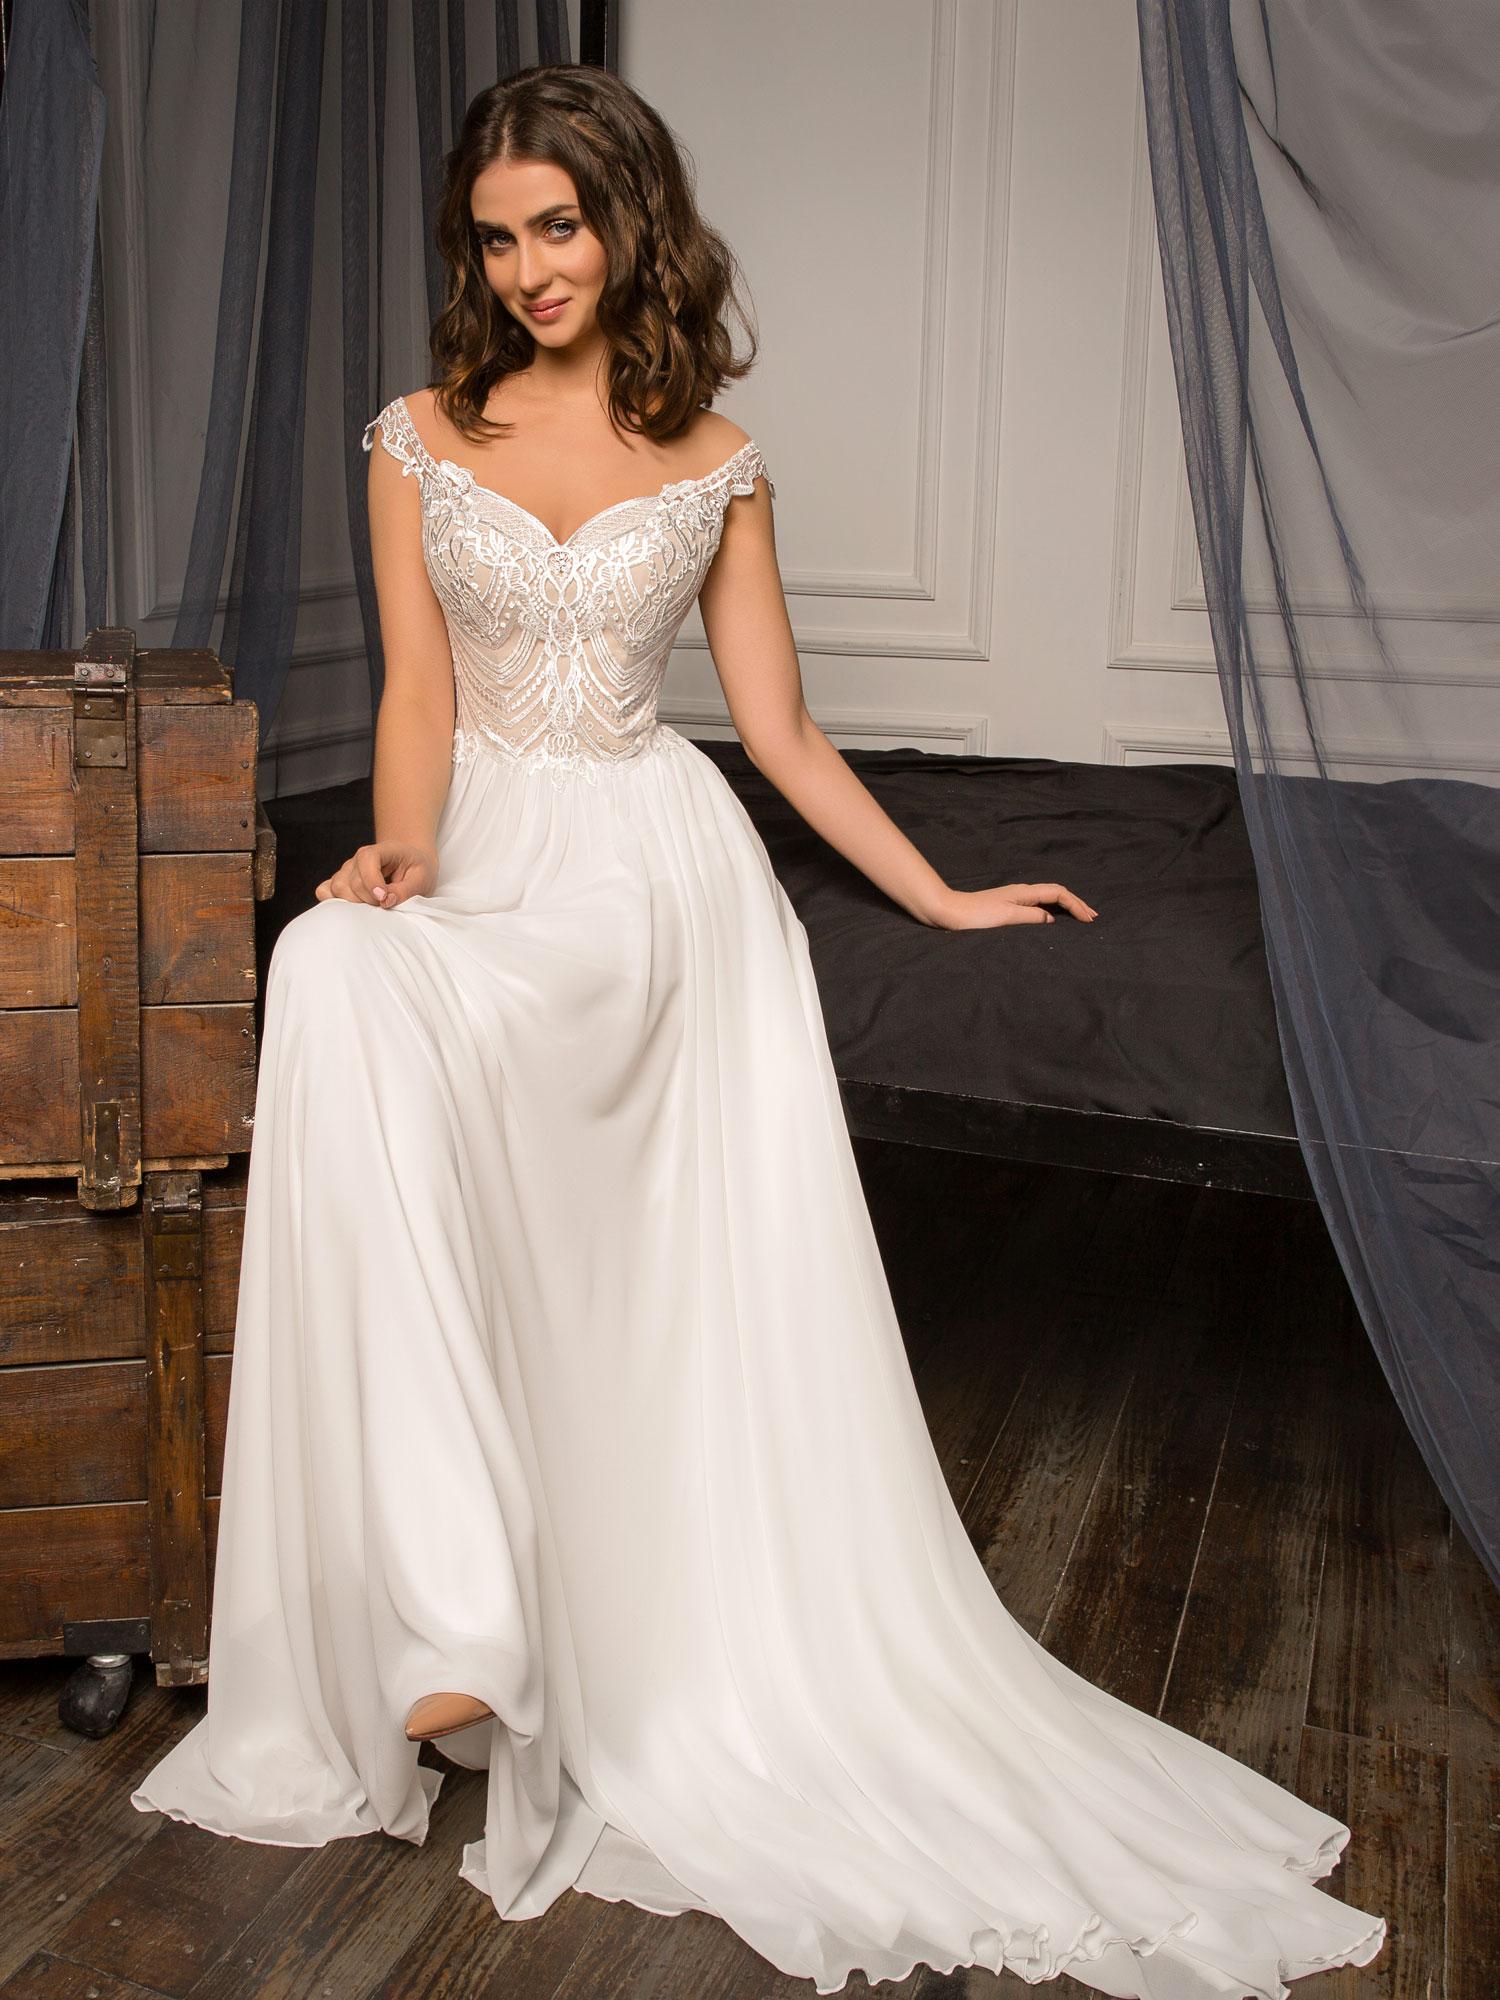 Robe de mariée fluide Besançon chez White